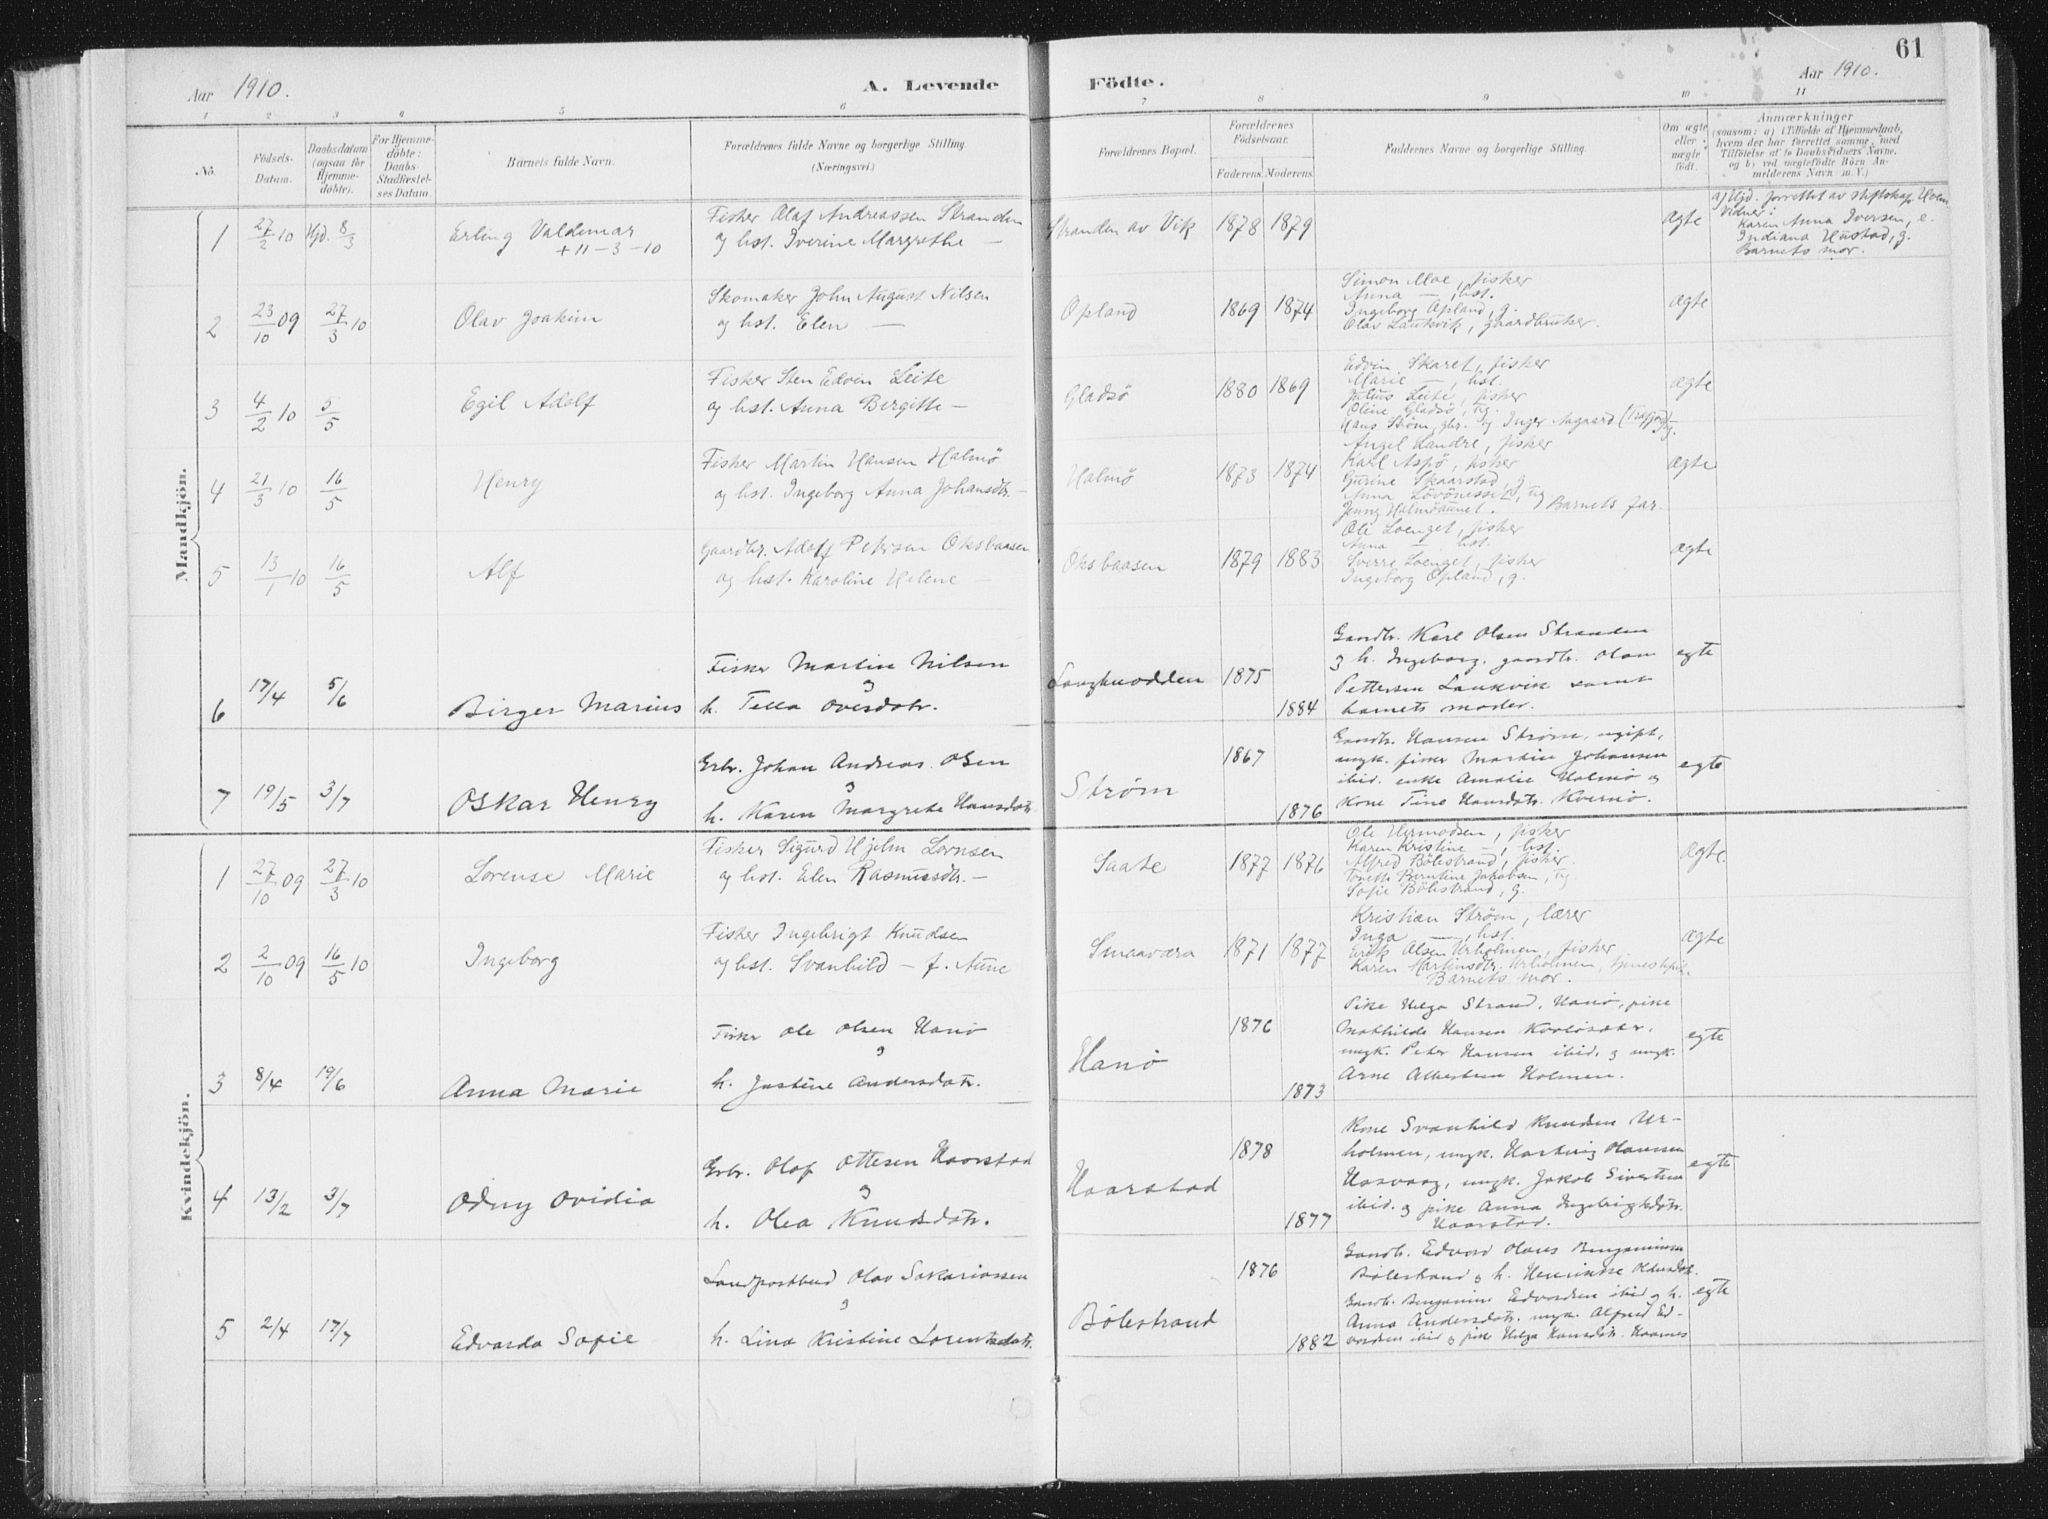 SAT, Ministerialprotokoller, klokkerbøker og fødselsregistre - Nord-Trøndelag, 771/L0597: Ministerialbok nr. 771A04, 1885-1910, s. 61